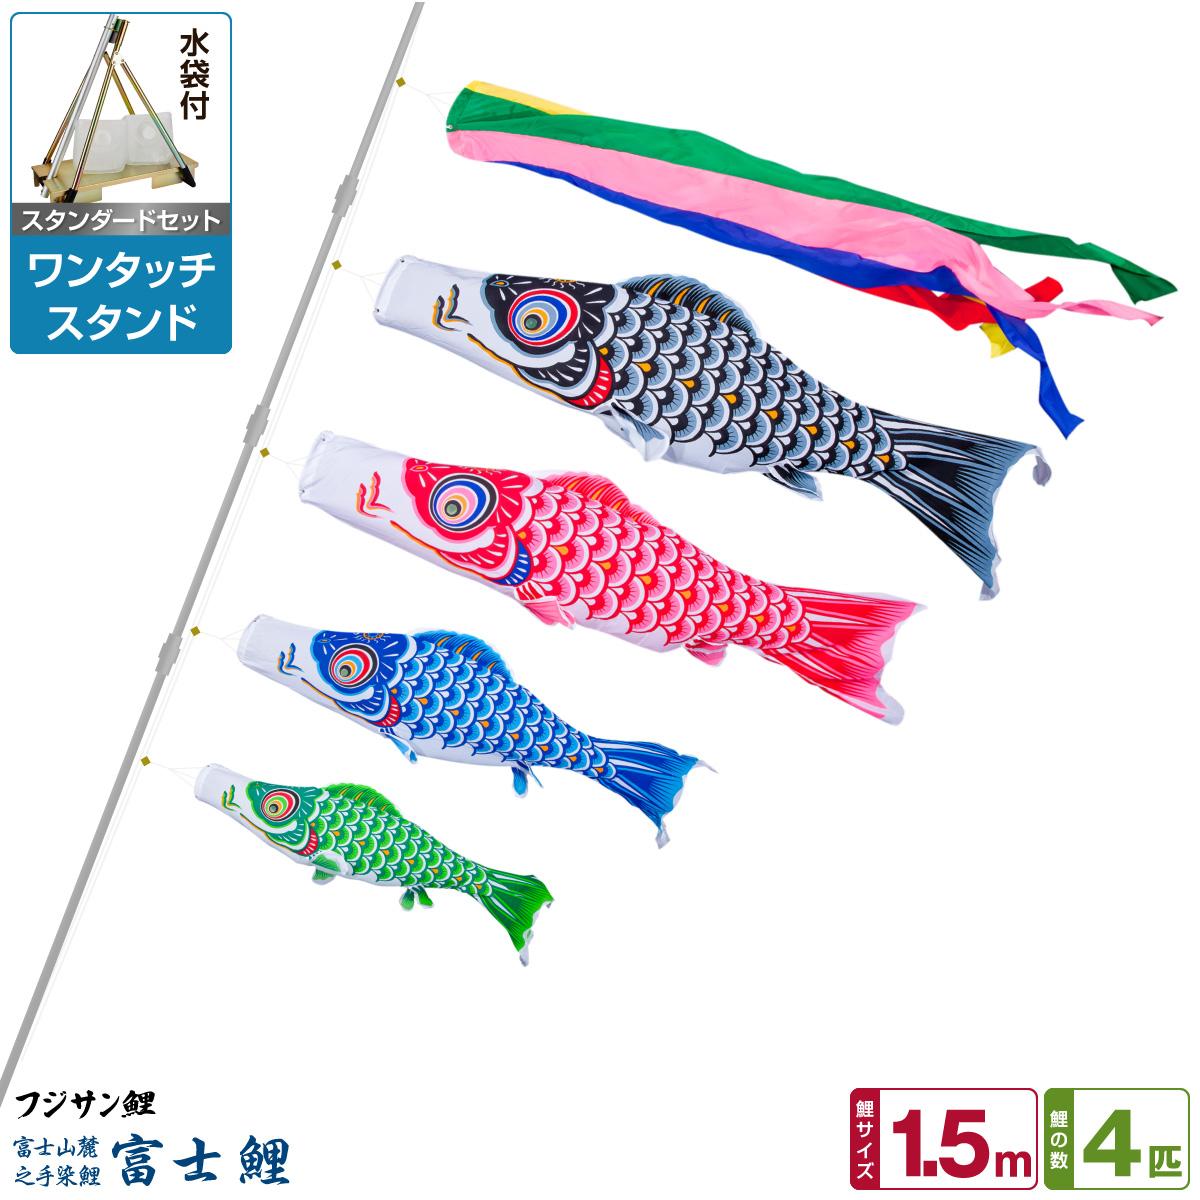 ベランダ用 こいのぼり 鯉のぼり フジサン鯉 富士鯉 1.5m 7点(吹流し+鯉4匹+矢車+ロープ)/スタンダードセット(ワンタッチスタンド)